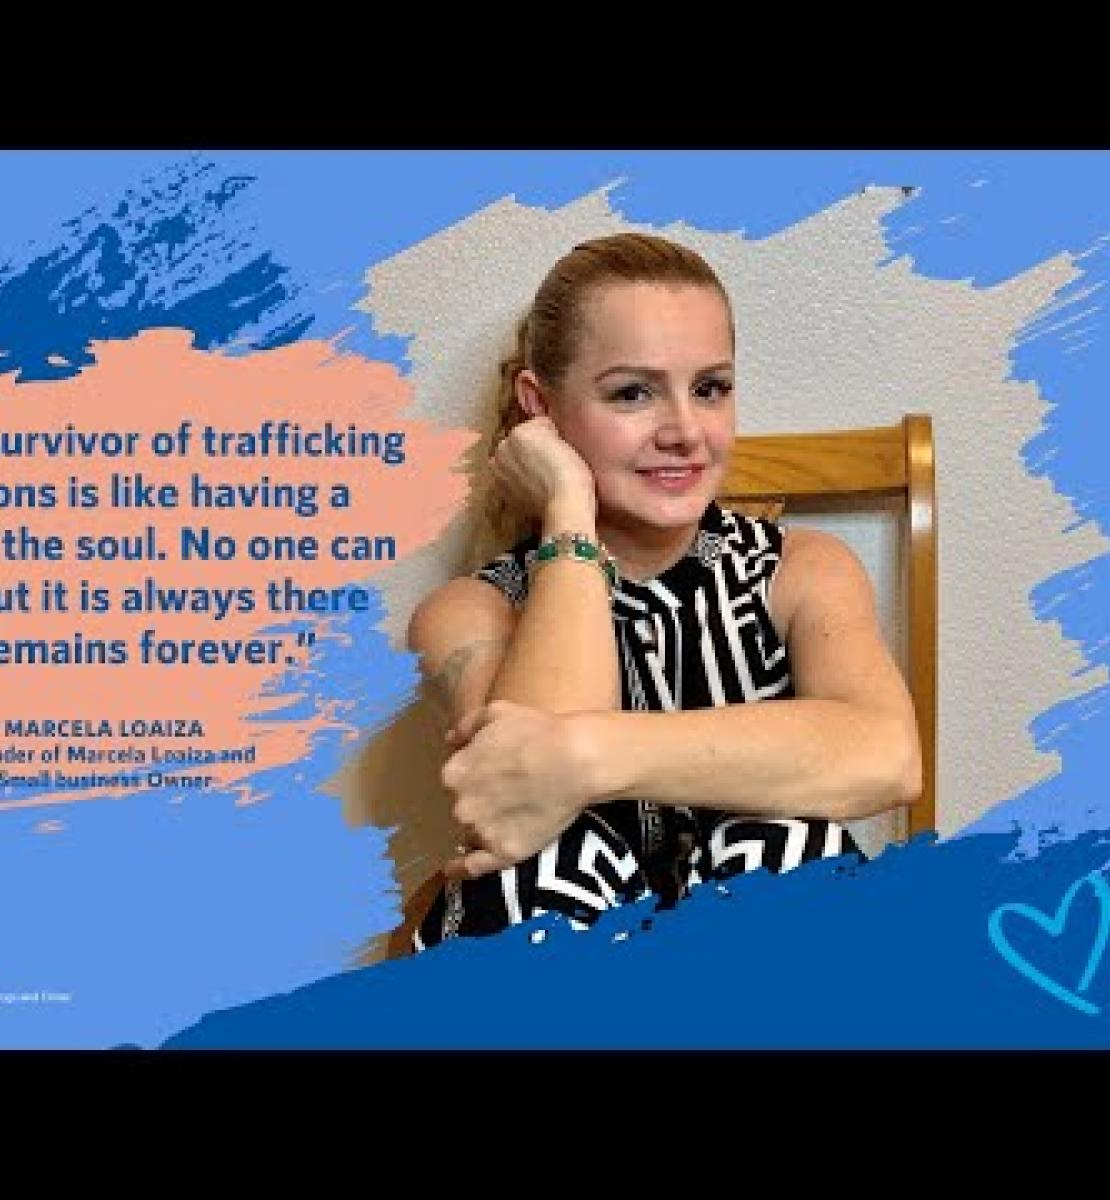 La parole des victimes ouvre la voie à la lutte contre la traite des êtres humains